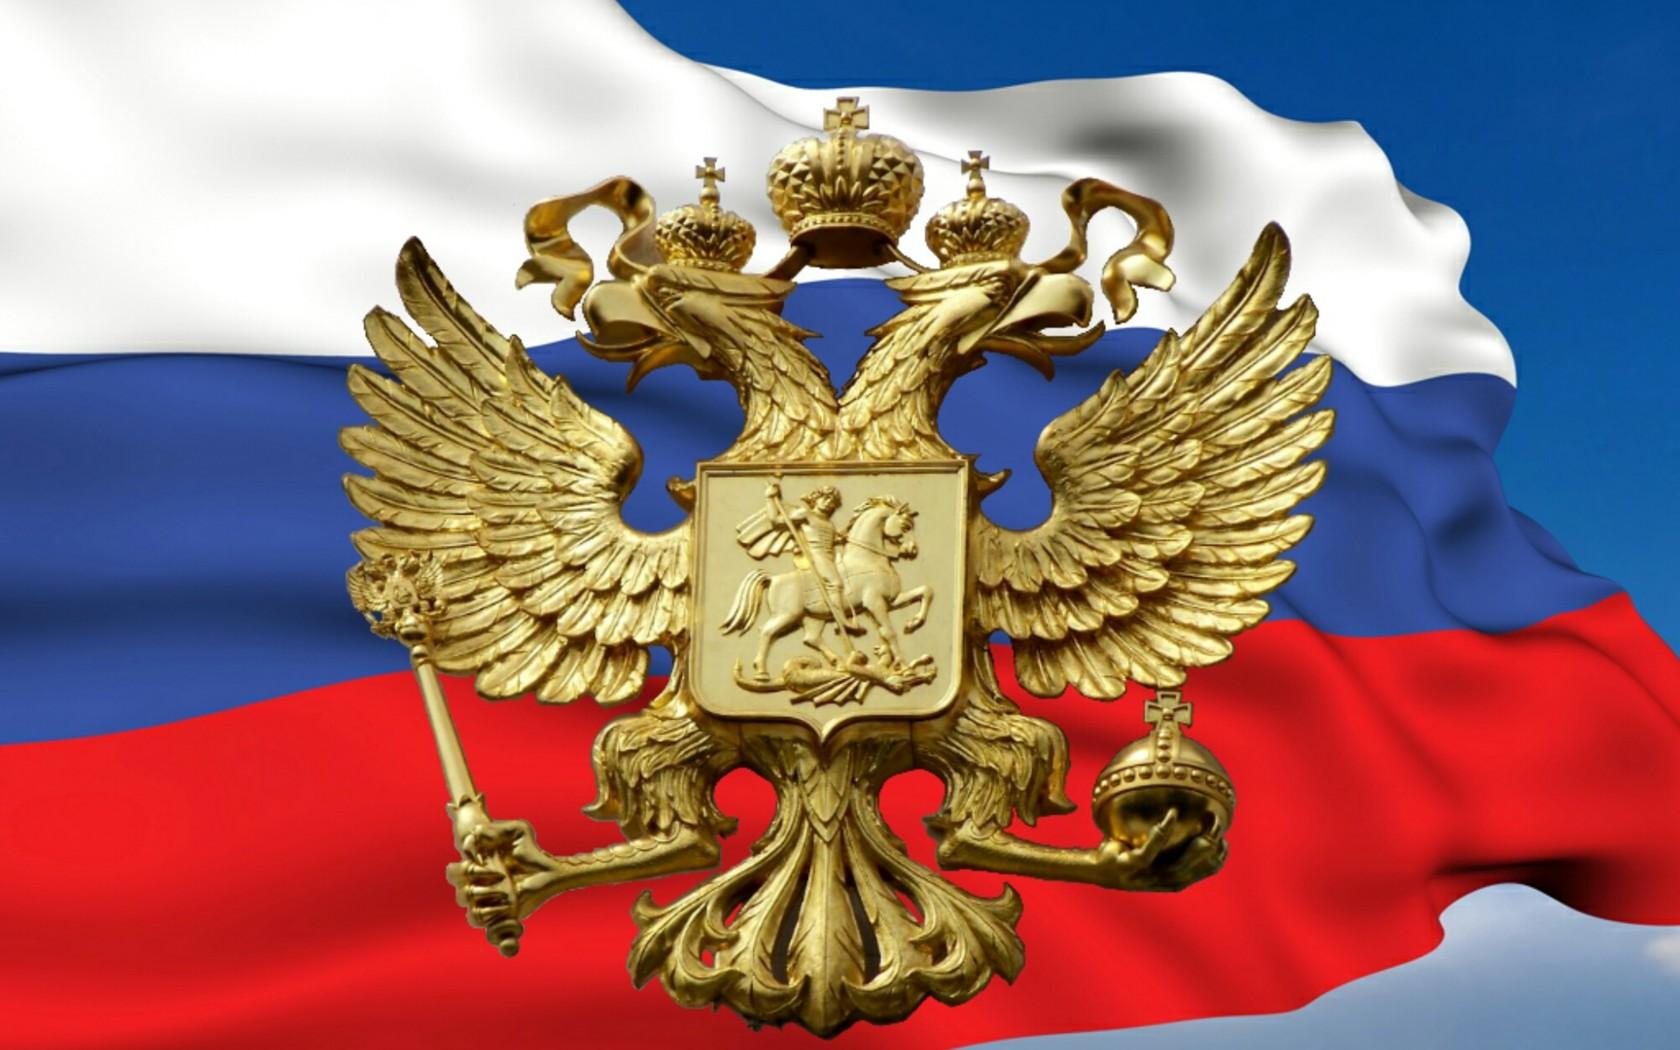 картинки флага и герба россии на одной картинке поиск